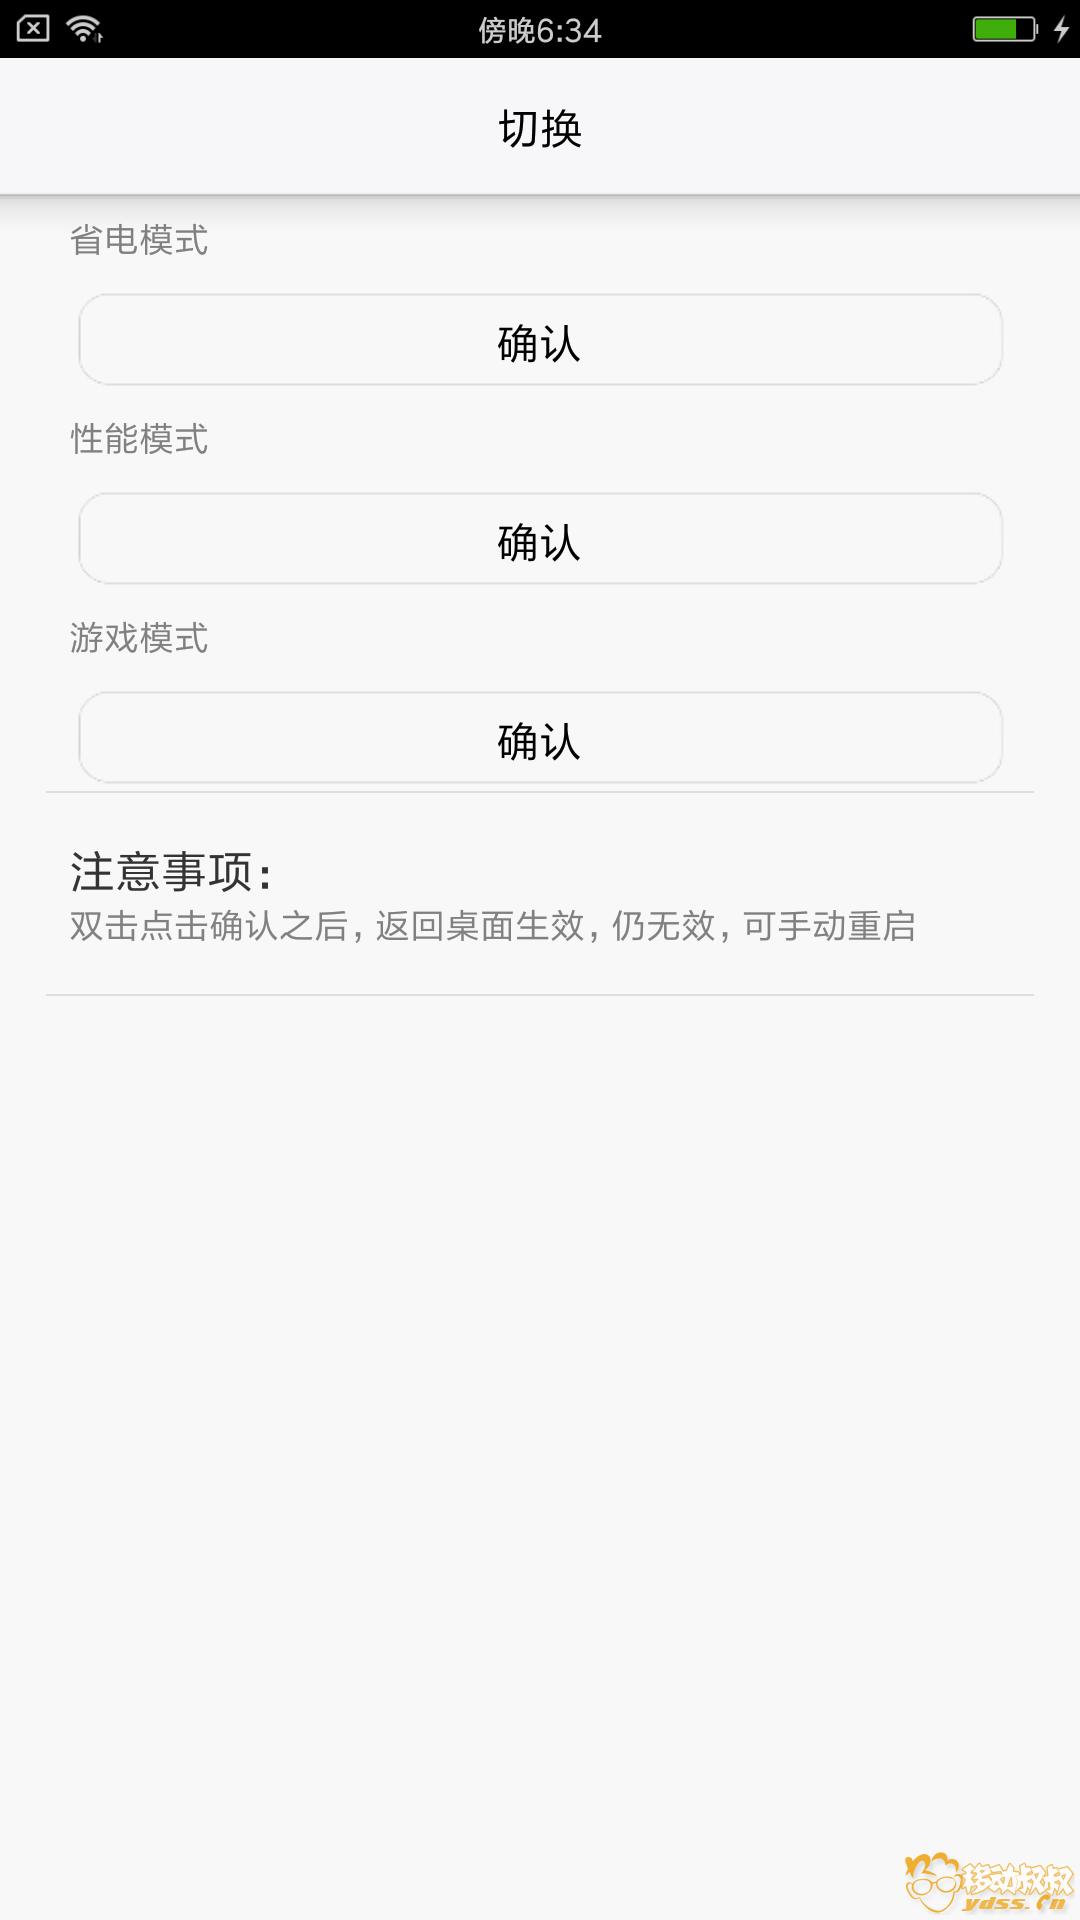 Screenshot_2017-12-30-18-34-42-125_com.makelove.settings.png